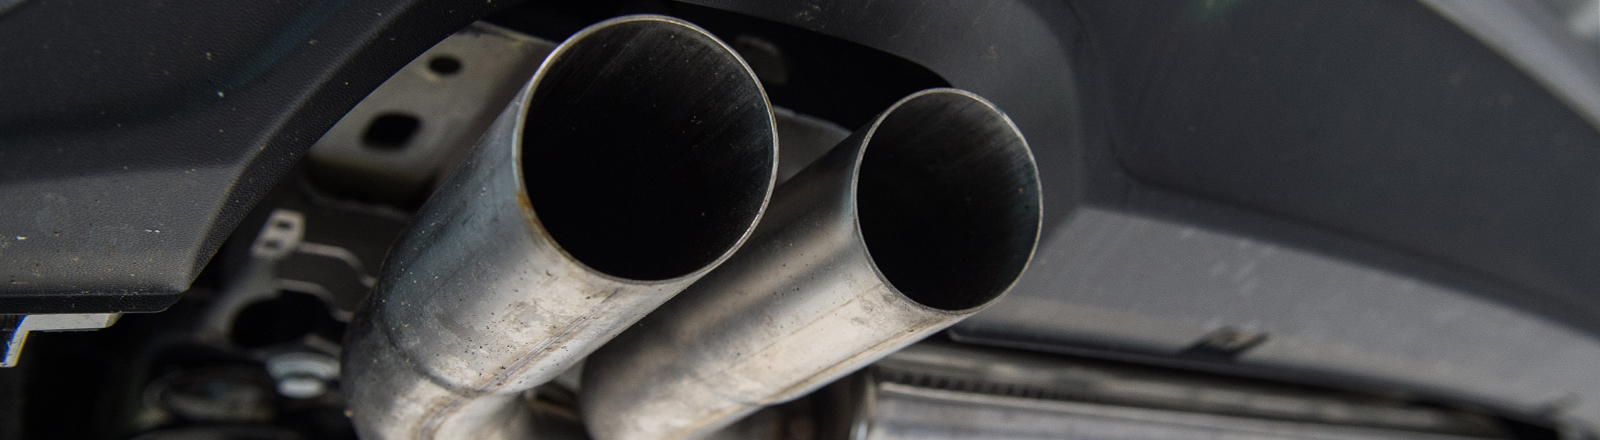 Auspuff eines VW Golf Diesel